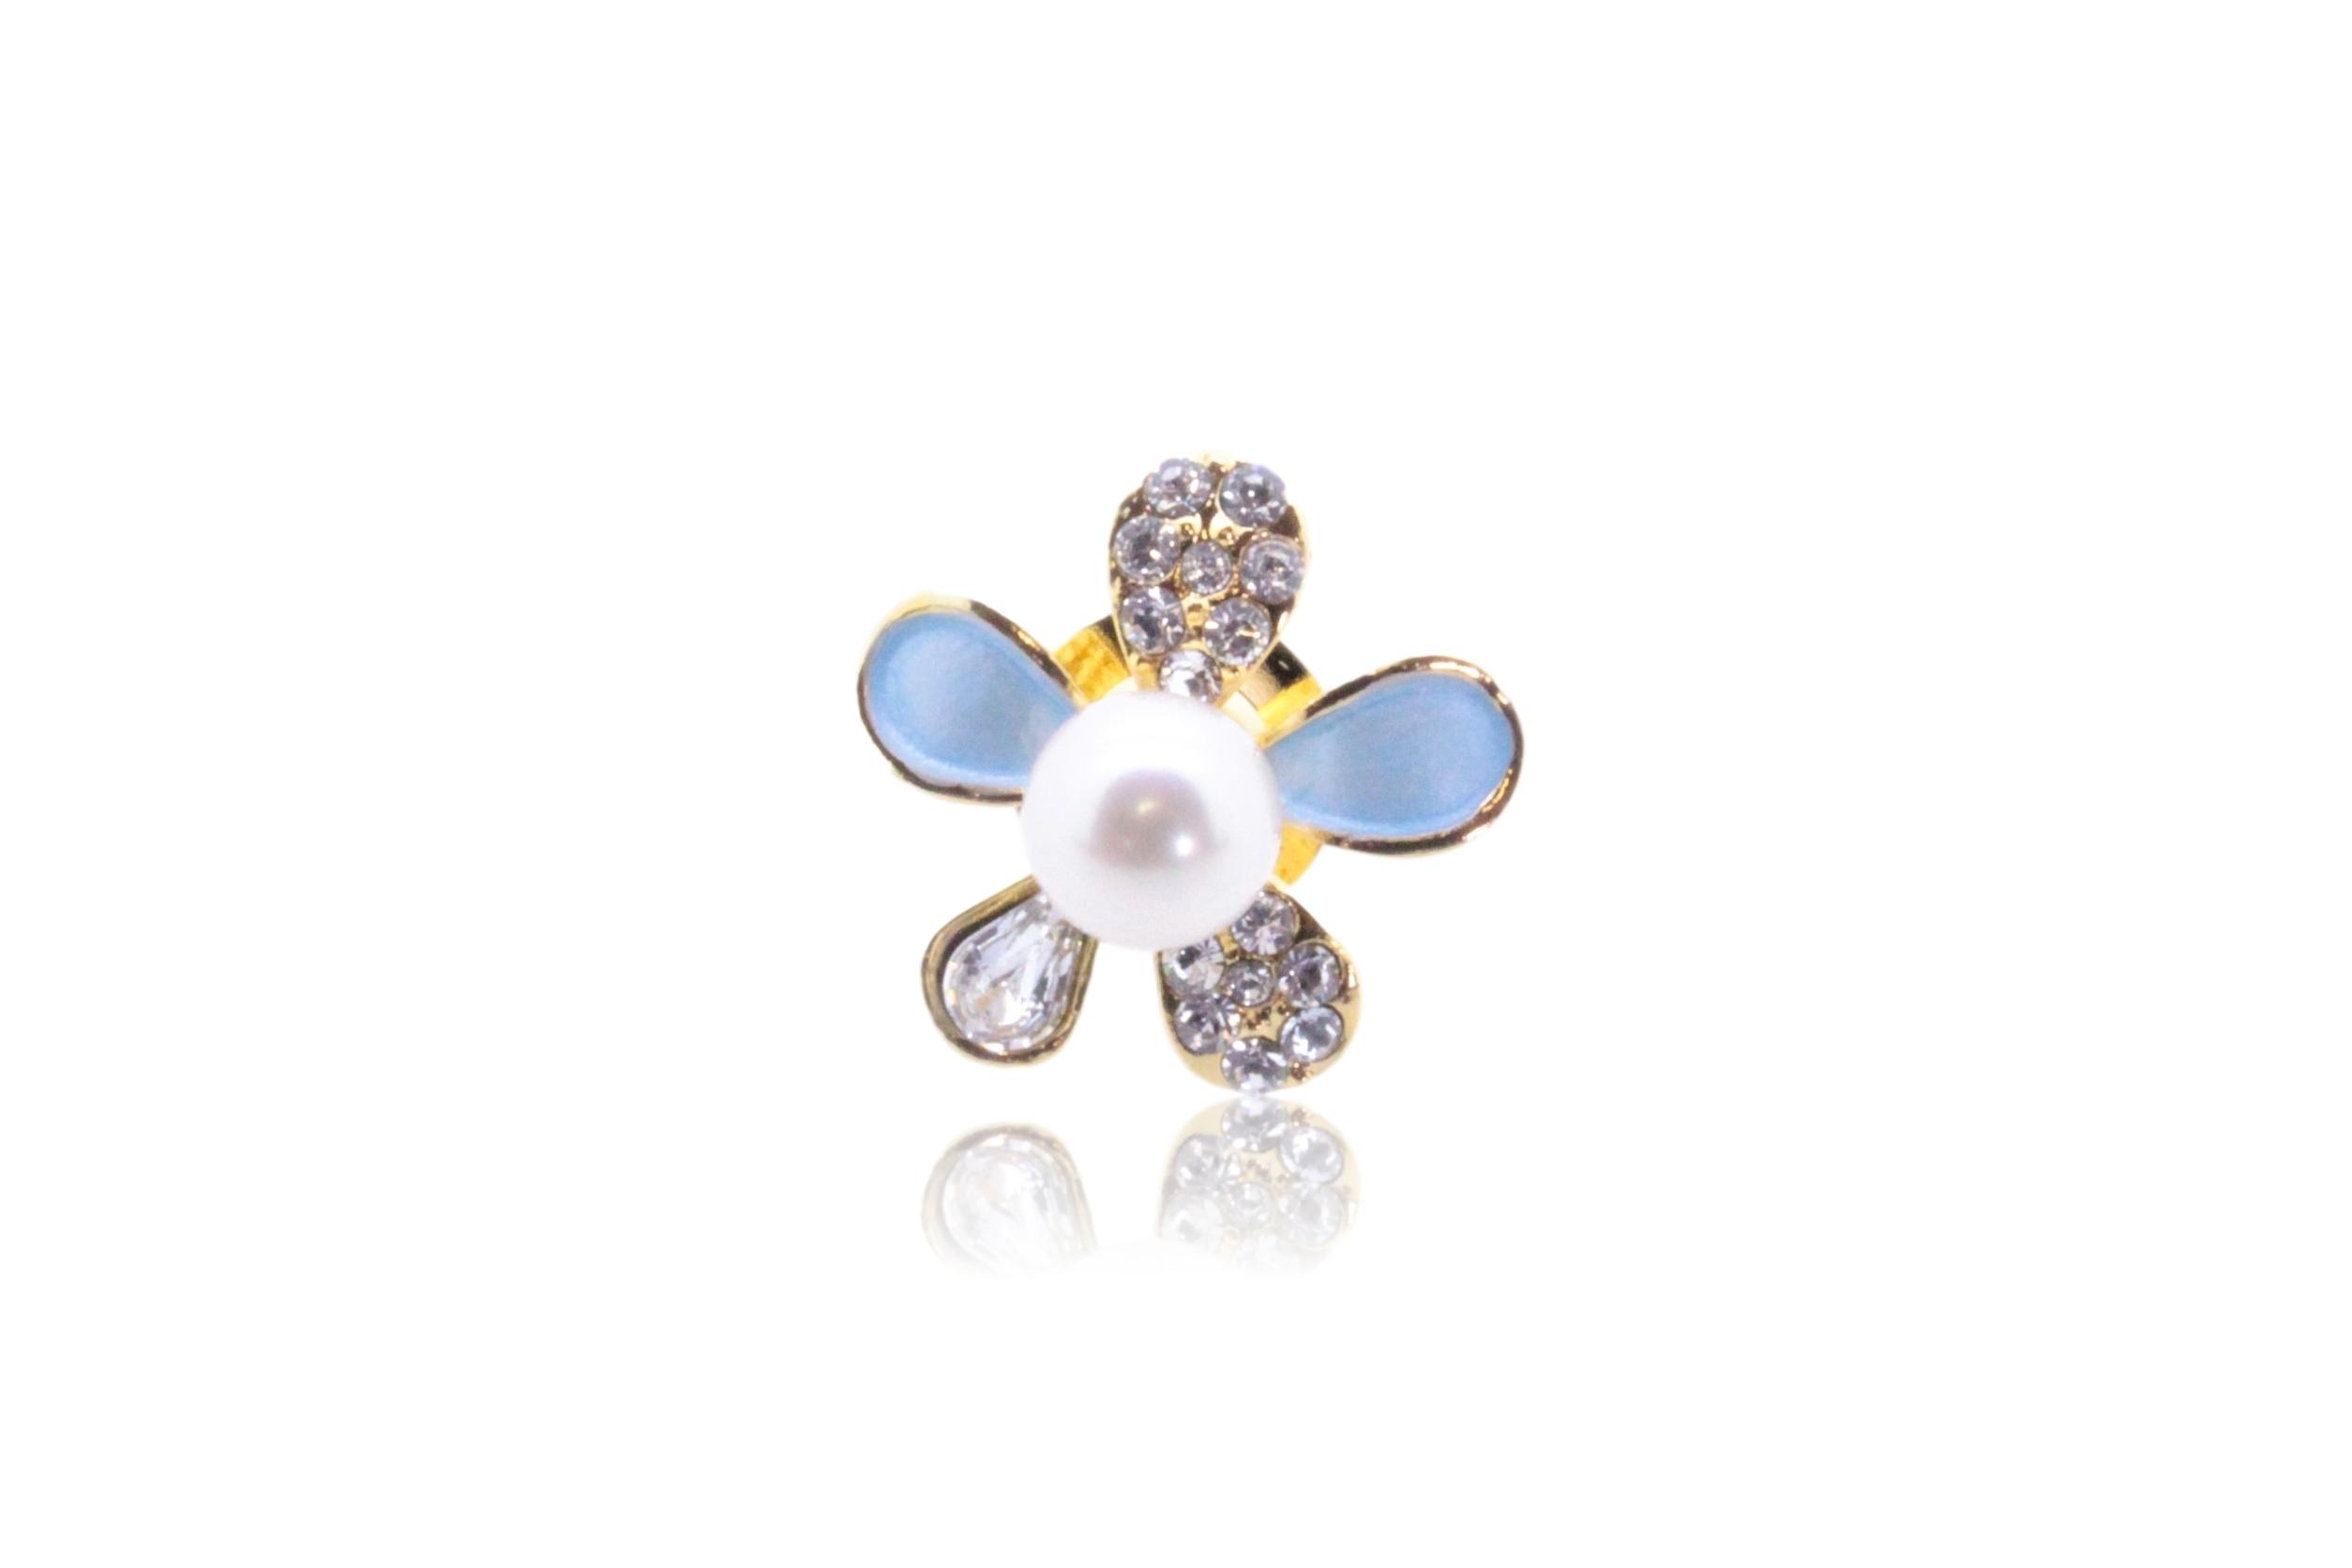 アコヤ真珠 ピンブローチ〈カラーフラワー〉ライトブルー